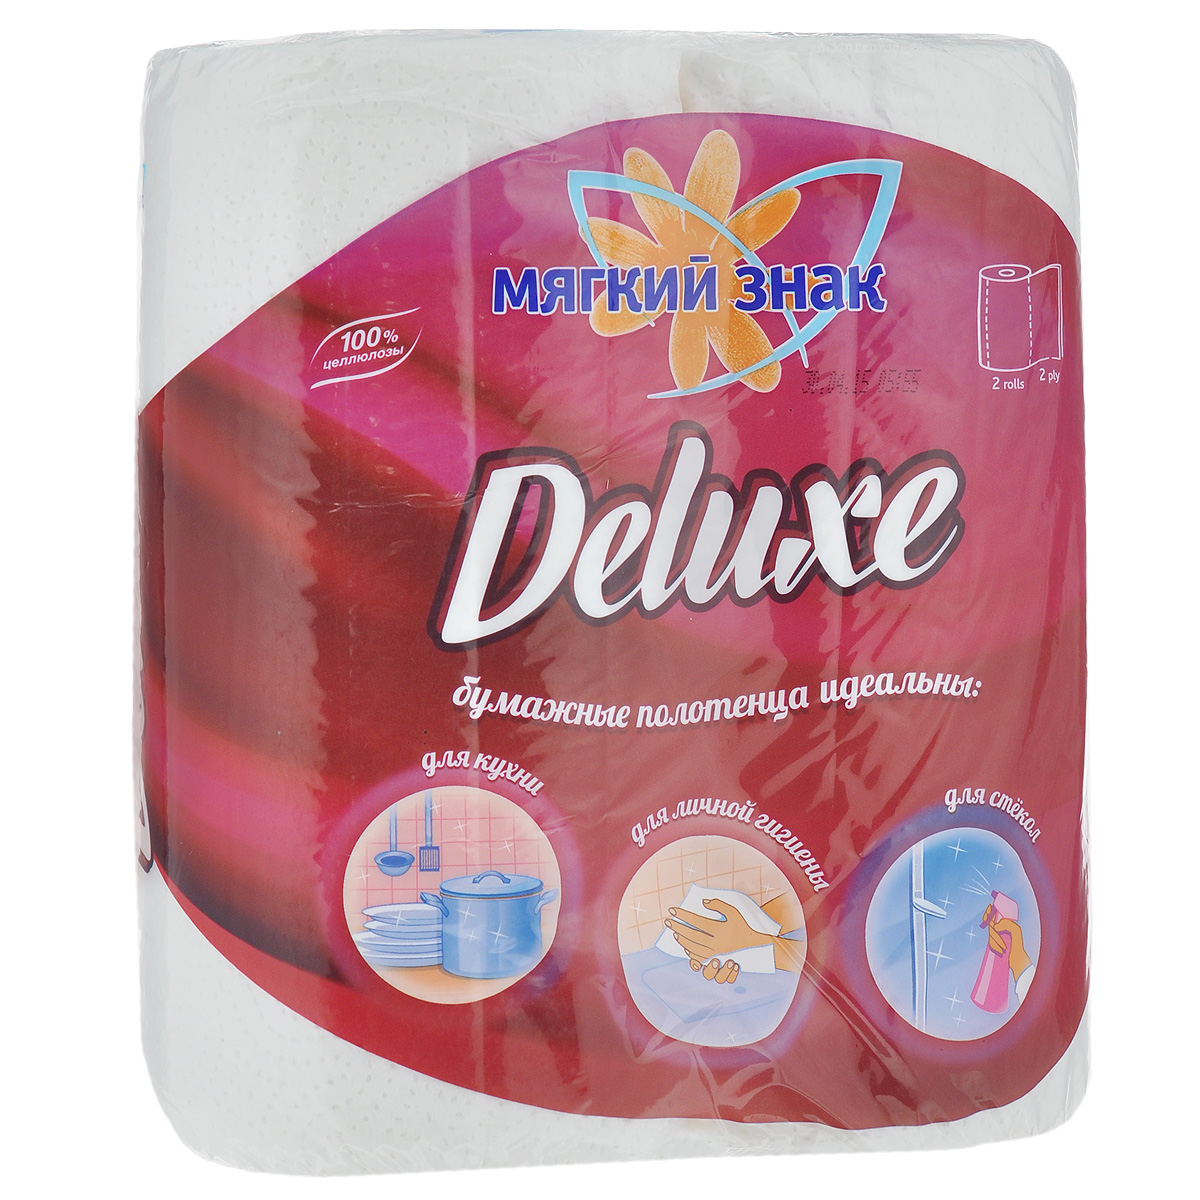 Полотенца бумажные Мягкий знак Deluxe, двухслойные, цвет: белый, 2 рулонаC40Бумажные полотенца Мягкий знак Deluxe созданы из экологически чистого волокна - 100% целлюлозы. Двухслойные. Хорошо впитывают влагу и идеально подходят для ежедневного использования.Количество листов: 48 шт. Количество слоев: 2. Размер листа: 25 см х 23 см. Состав: 100% целлюлоза.